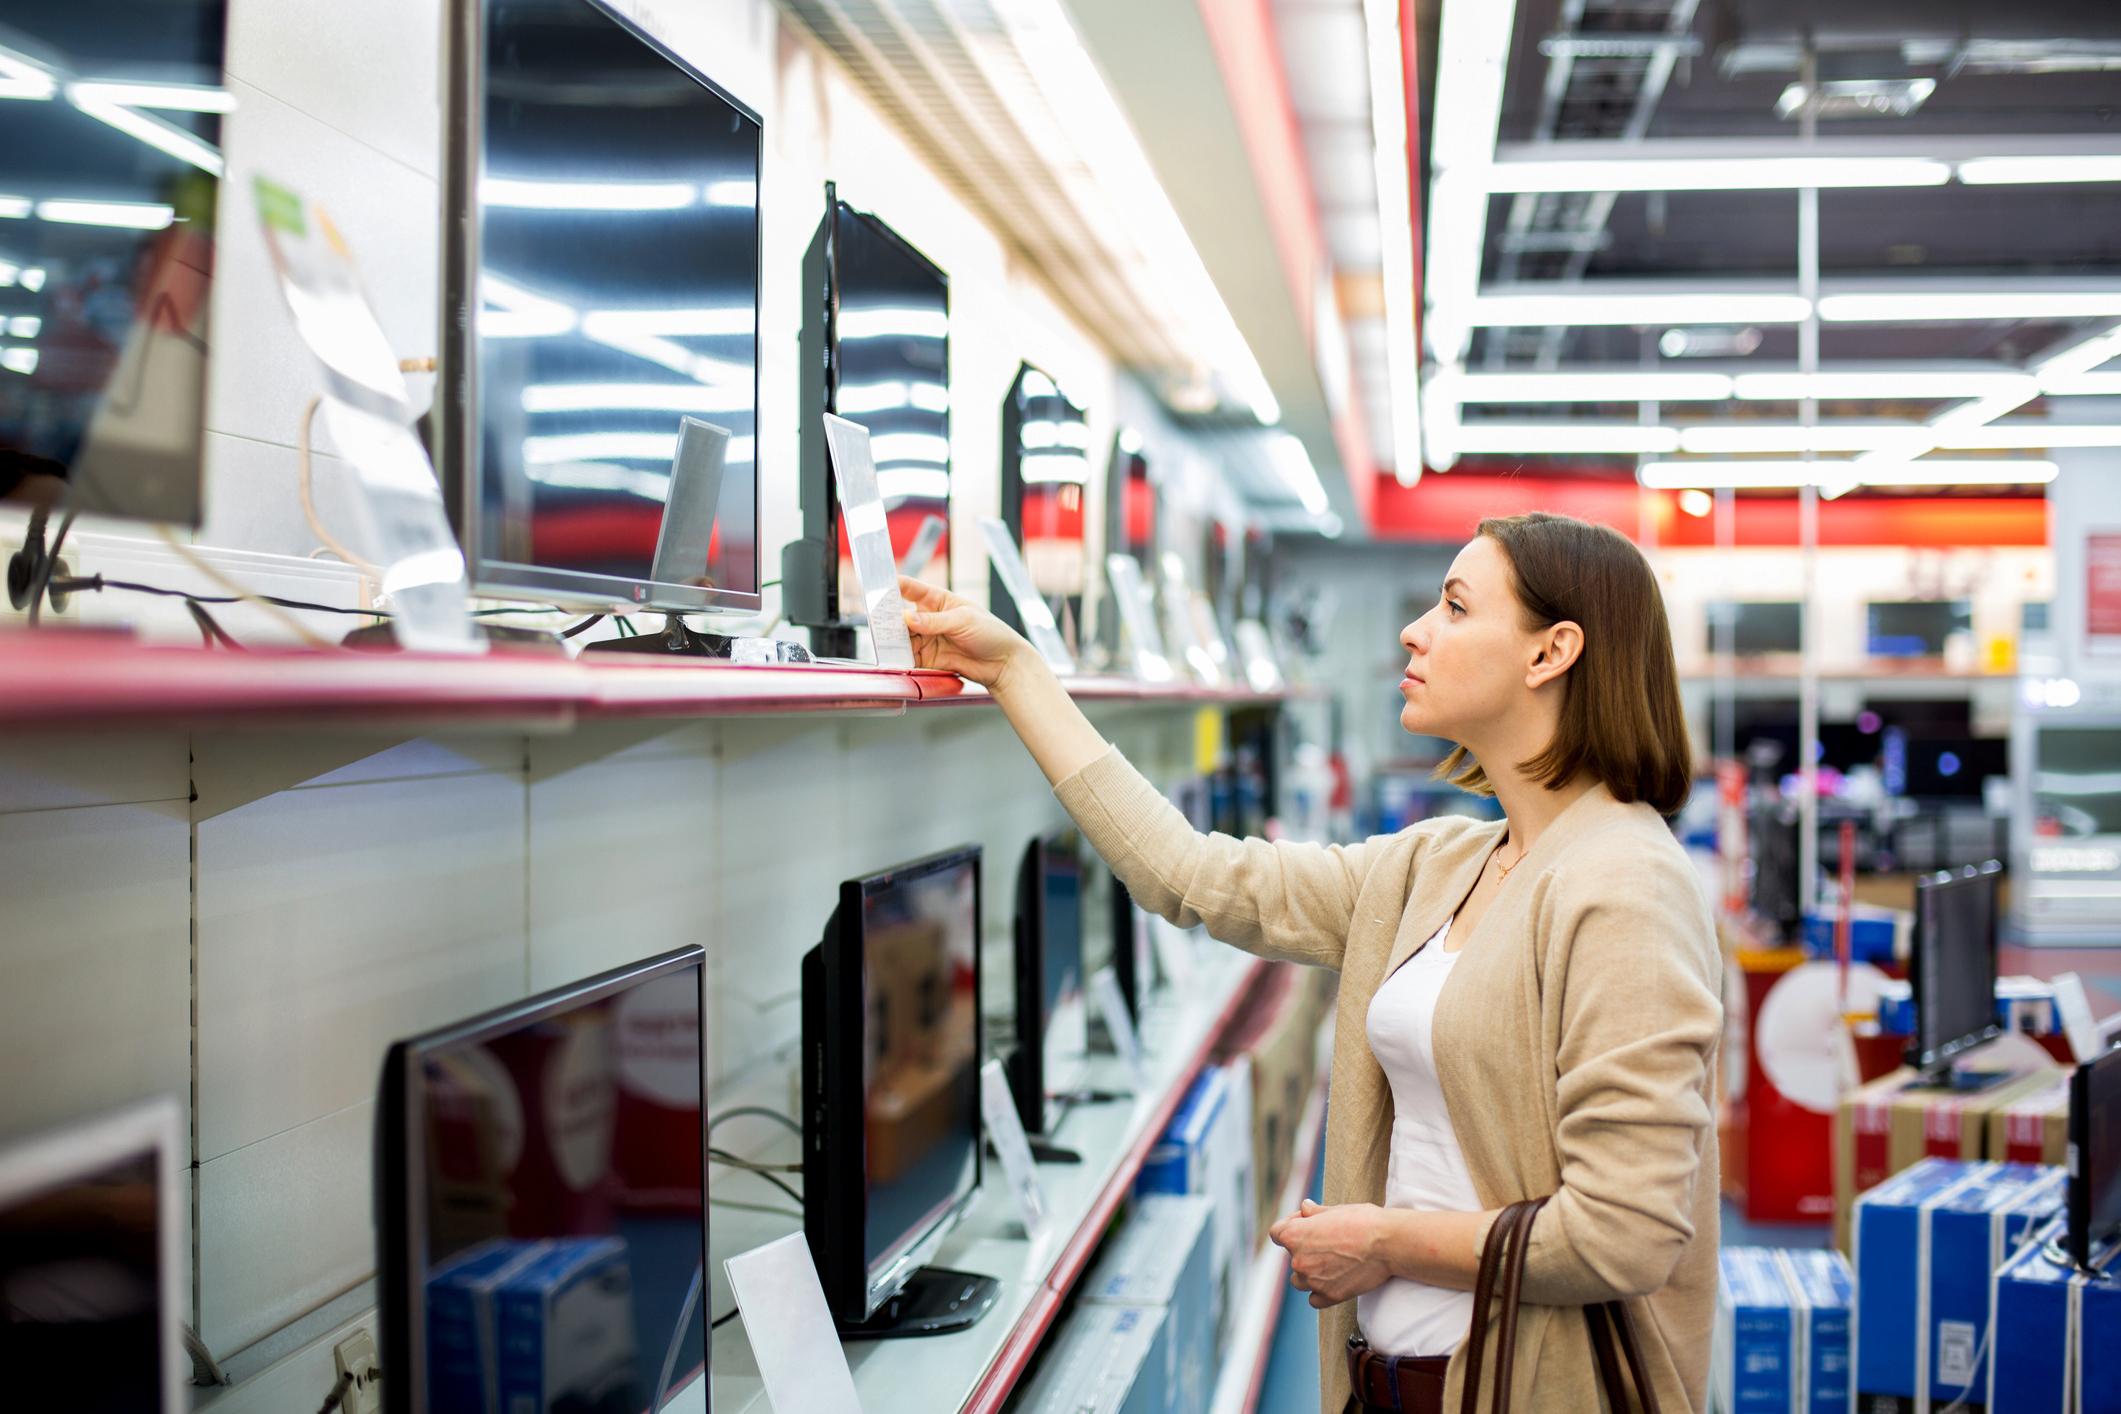 РТРС опубликовала перечень телевизоров, готовых к цифровому вещанию